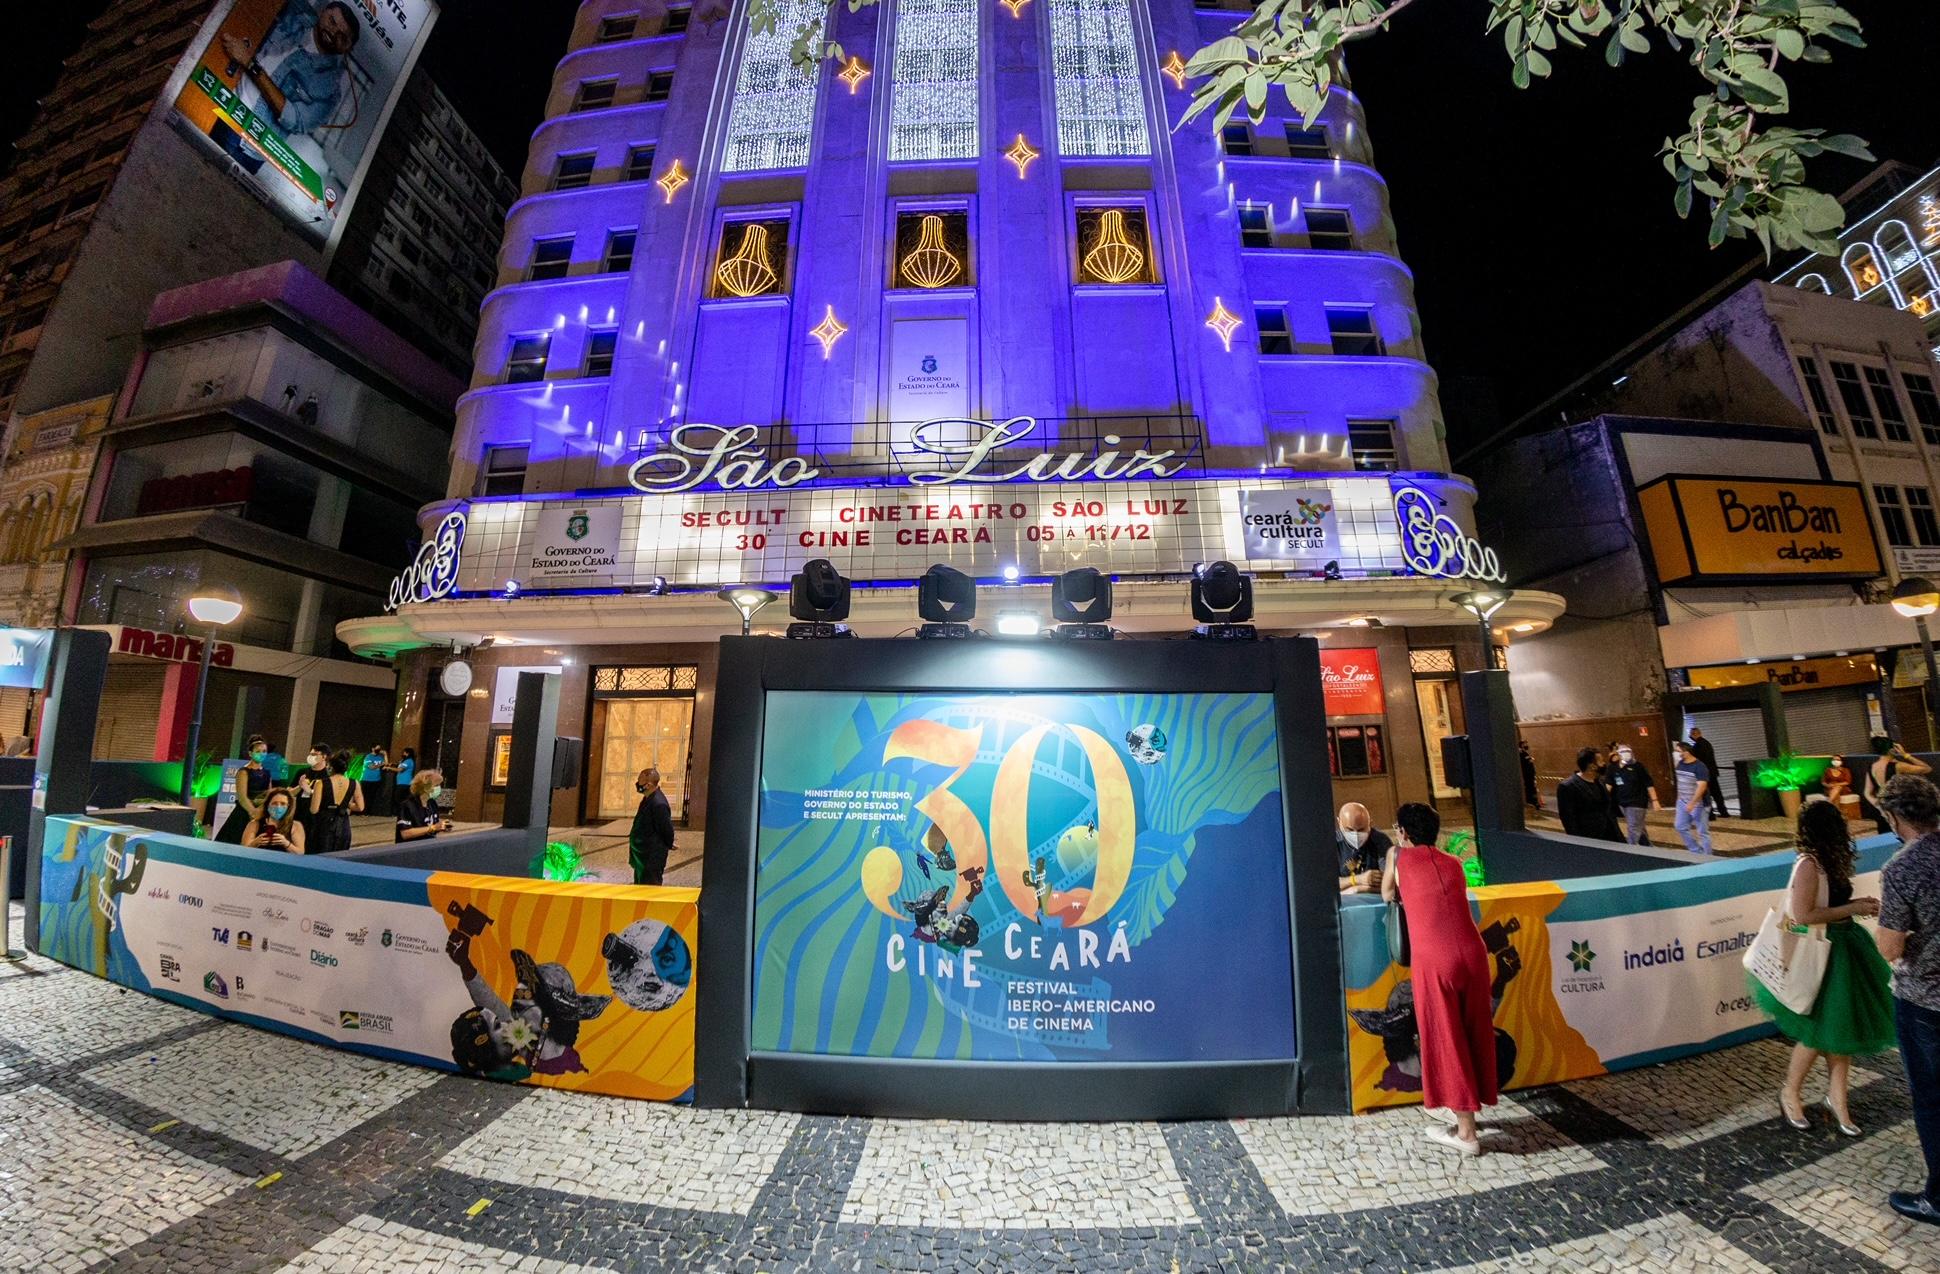 31º Cine Ceará abre inscrições, que seguem até 10 setembro